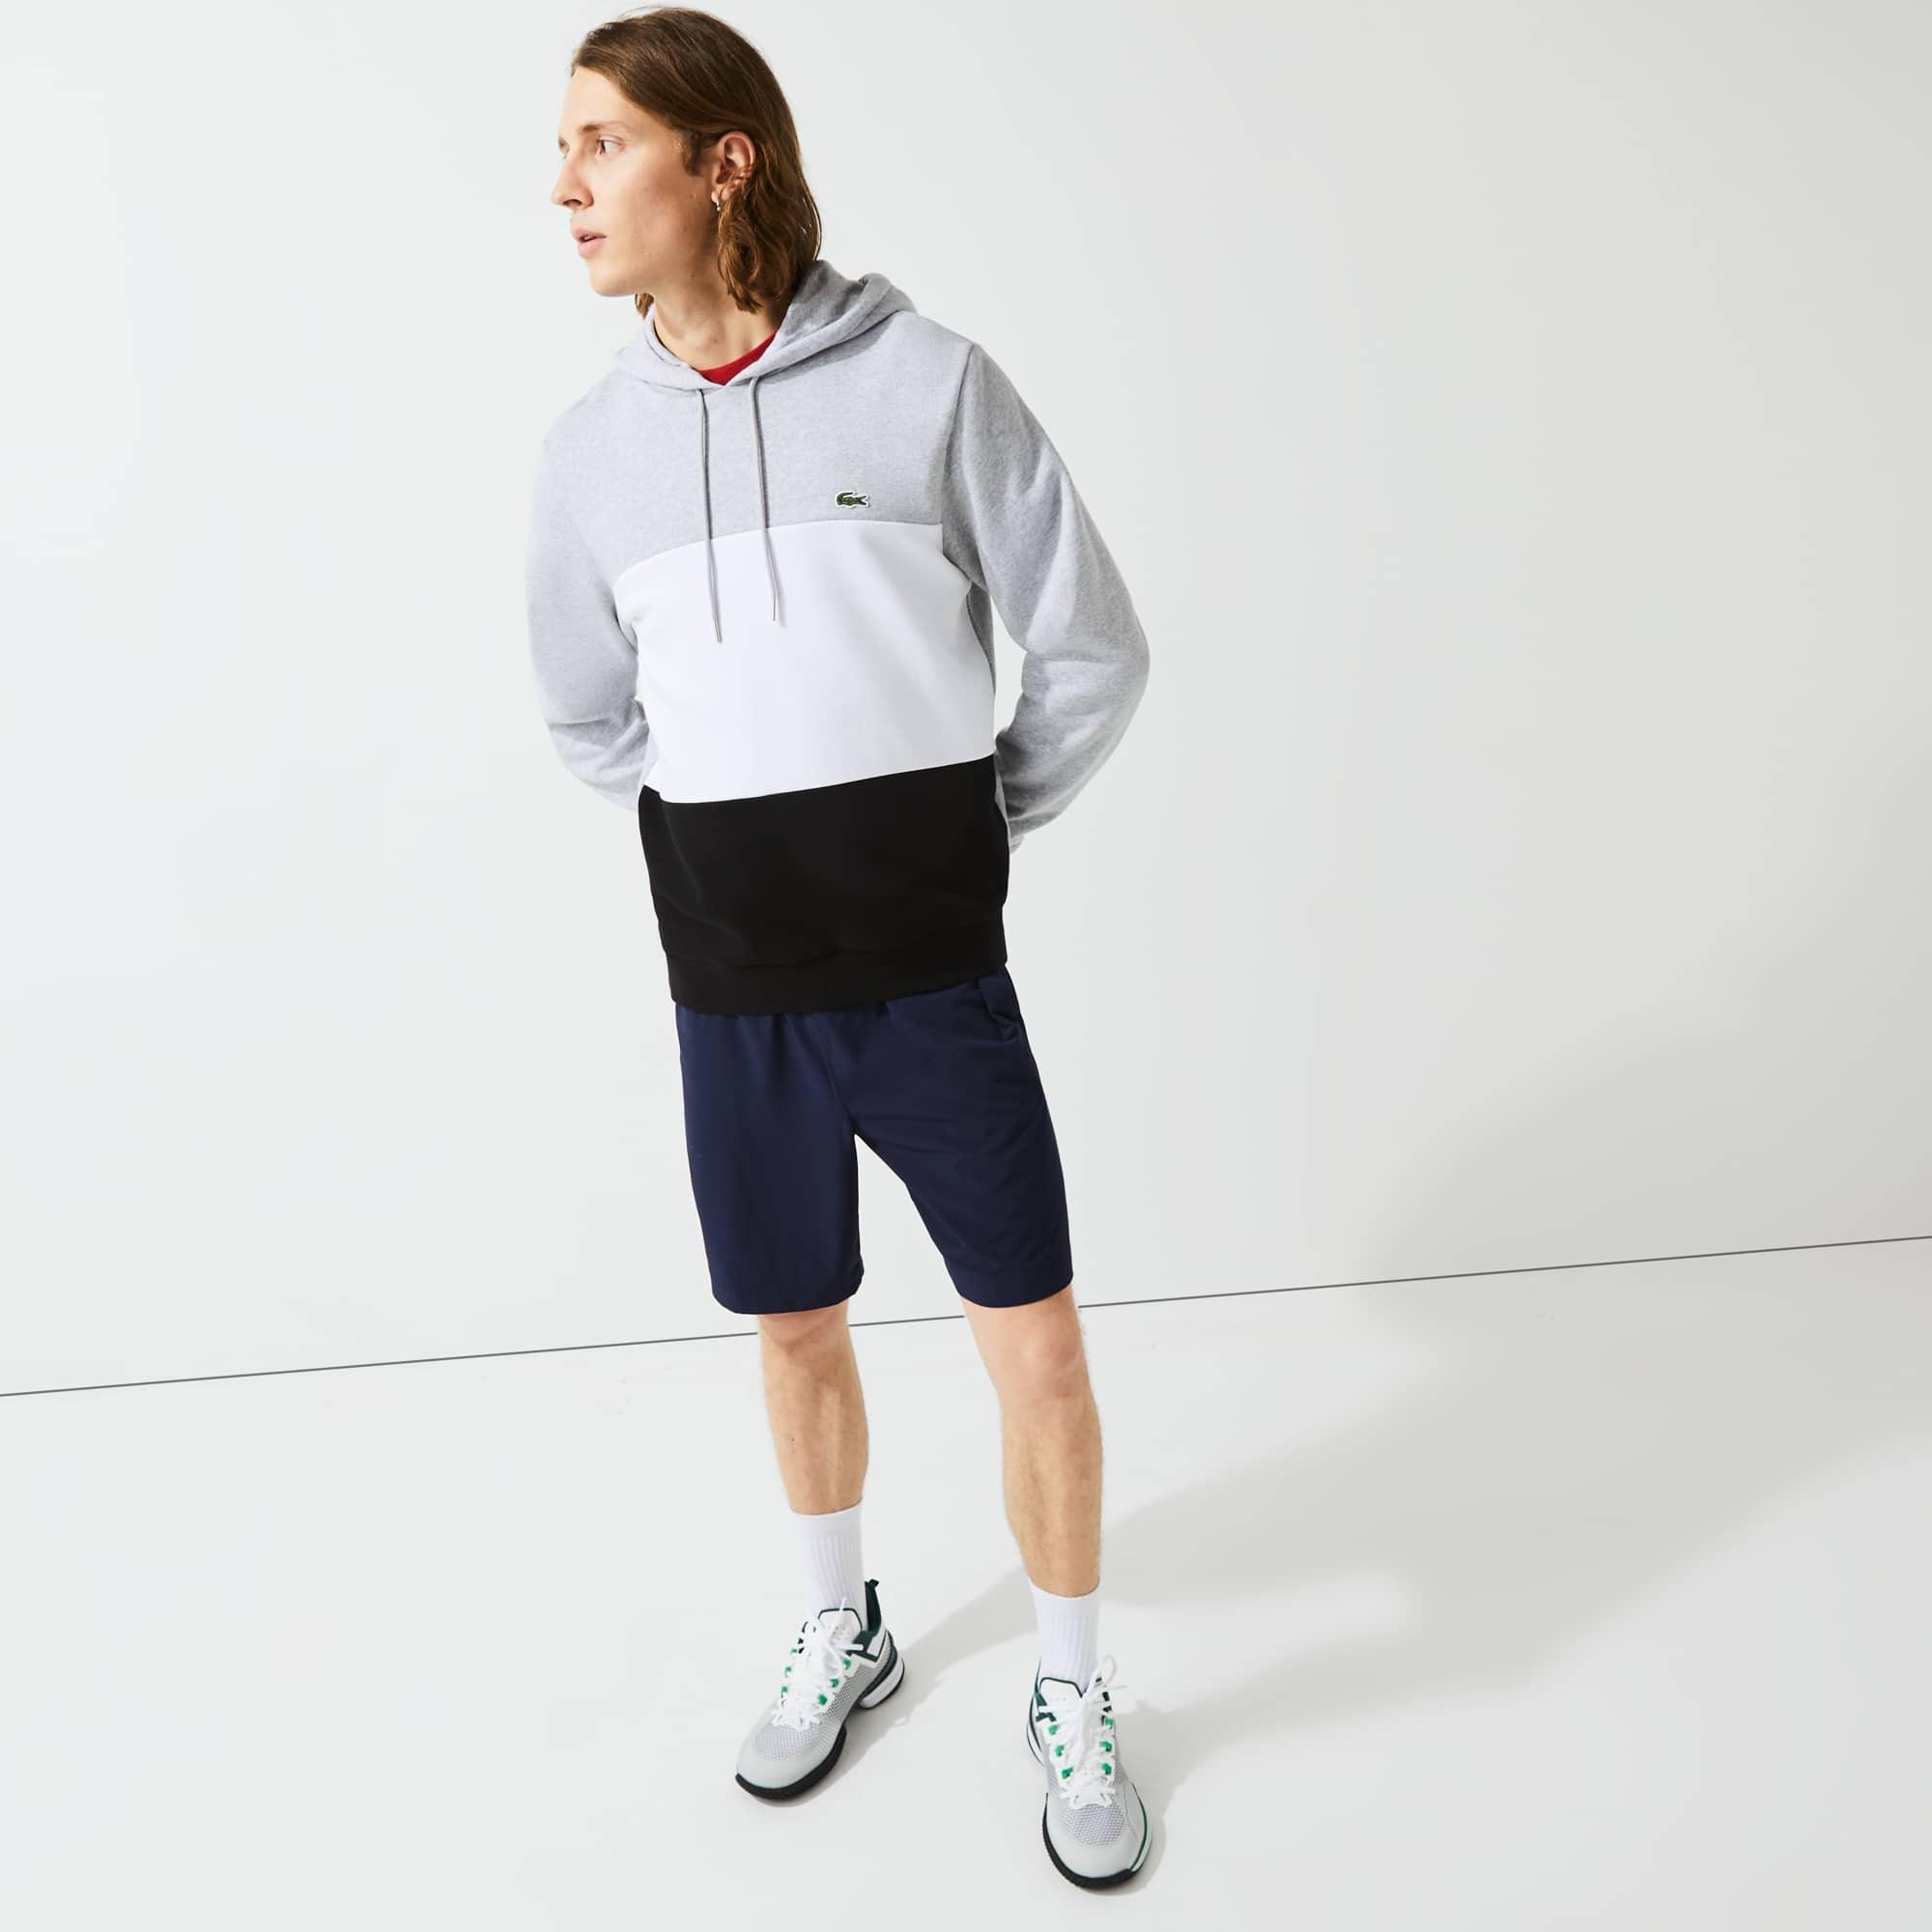 라코스테 맨 컬러블록 후드티 Lacoste Men's Hooded Colorblock Fleece Sweatshirt